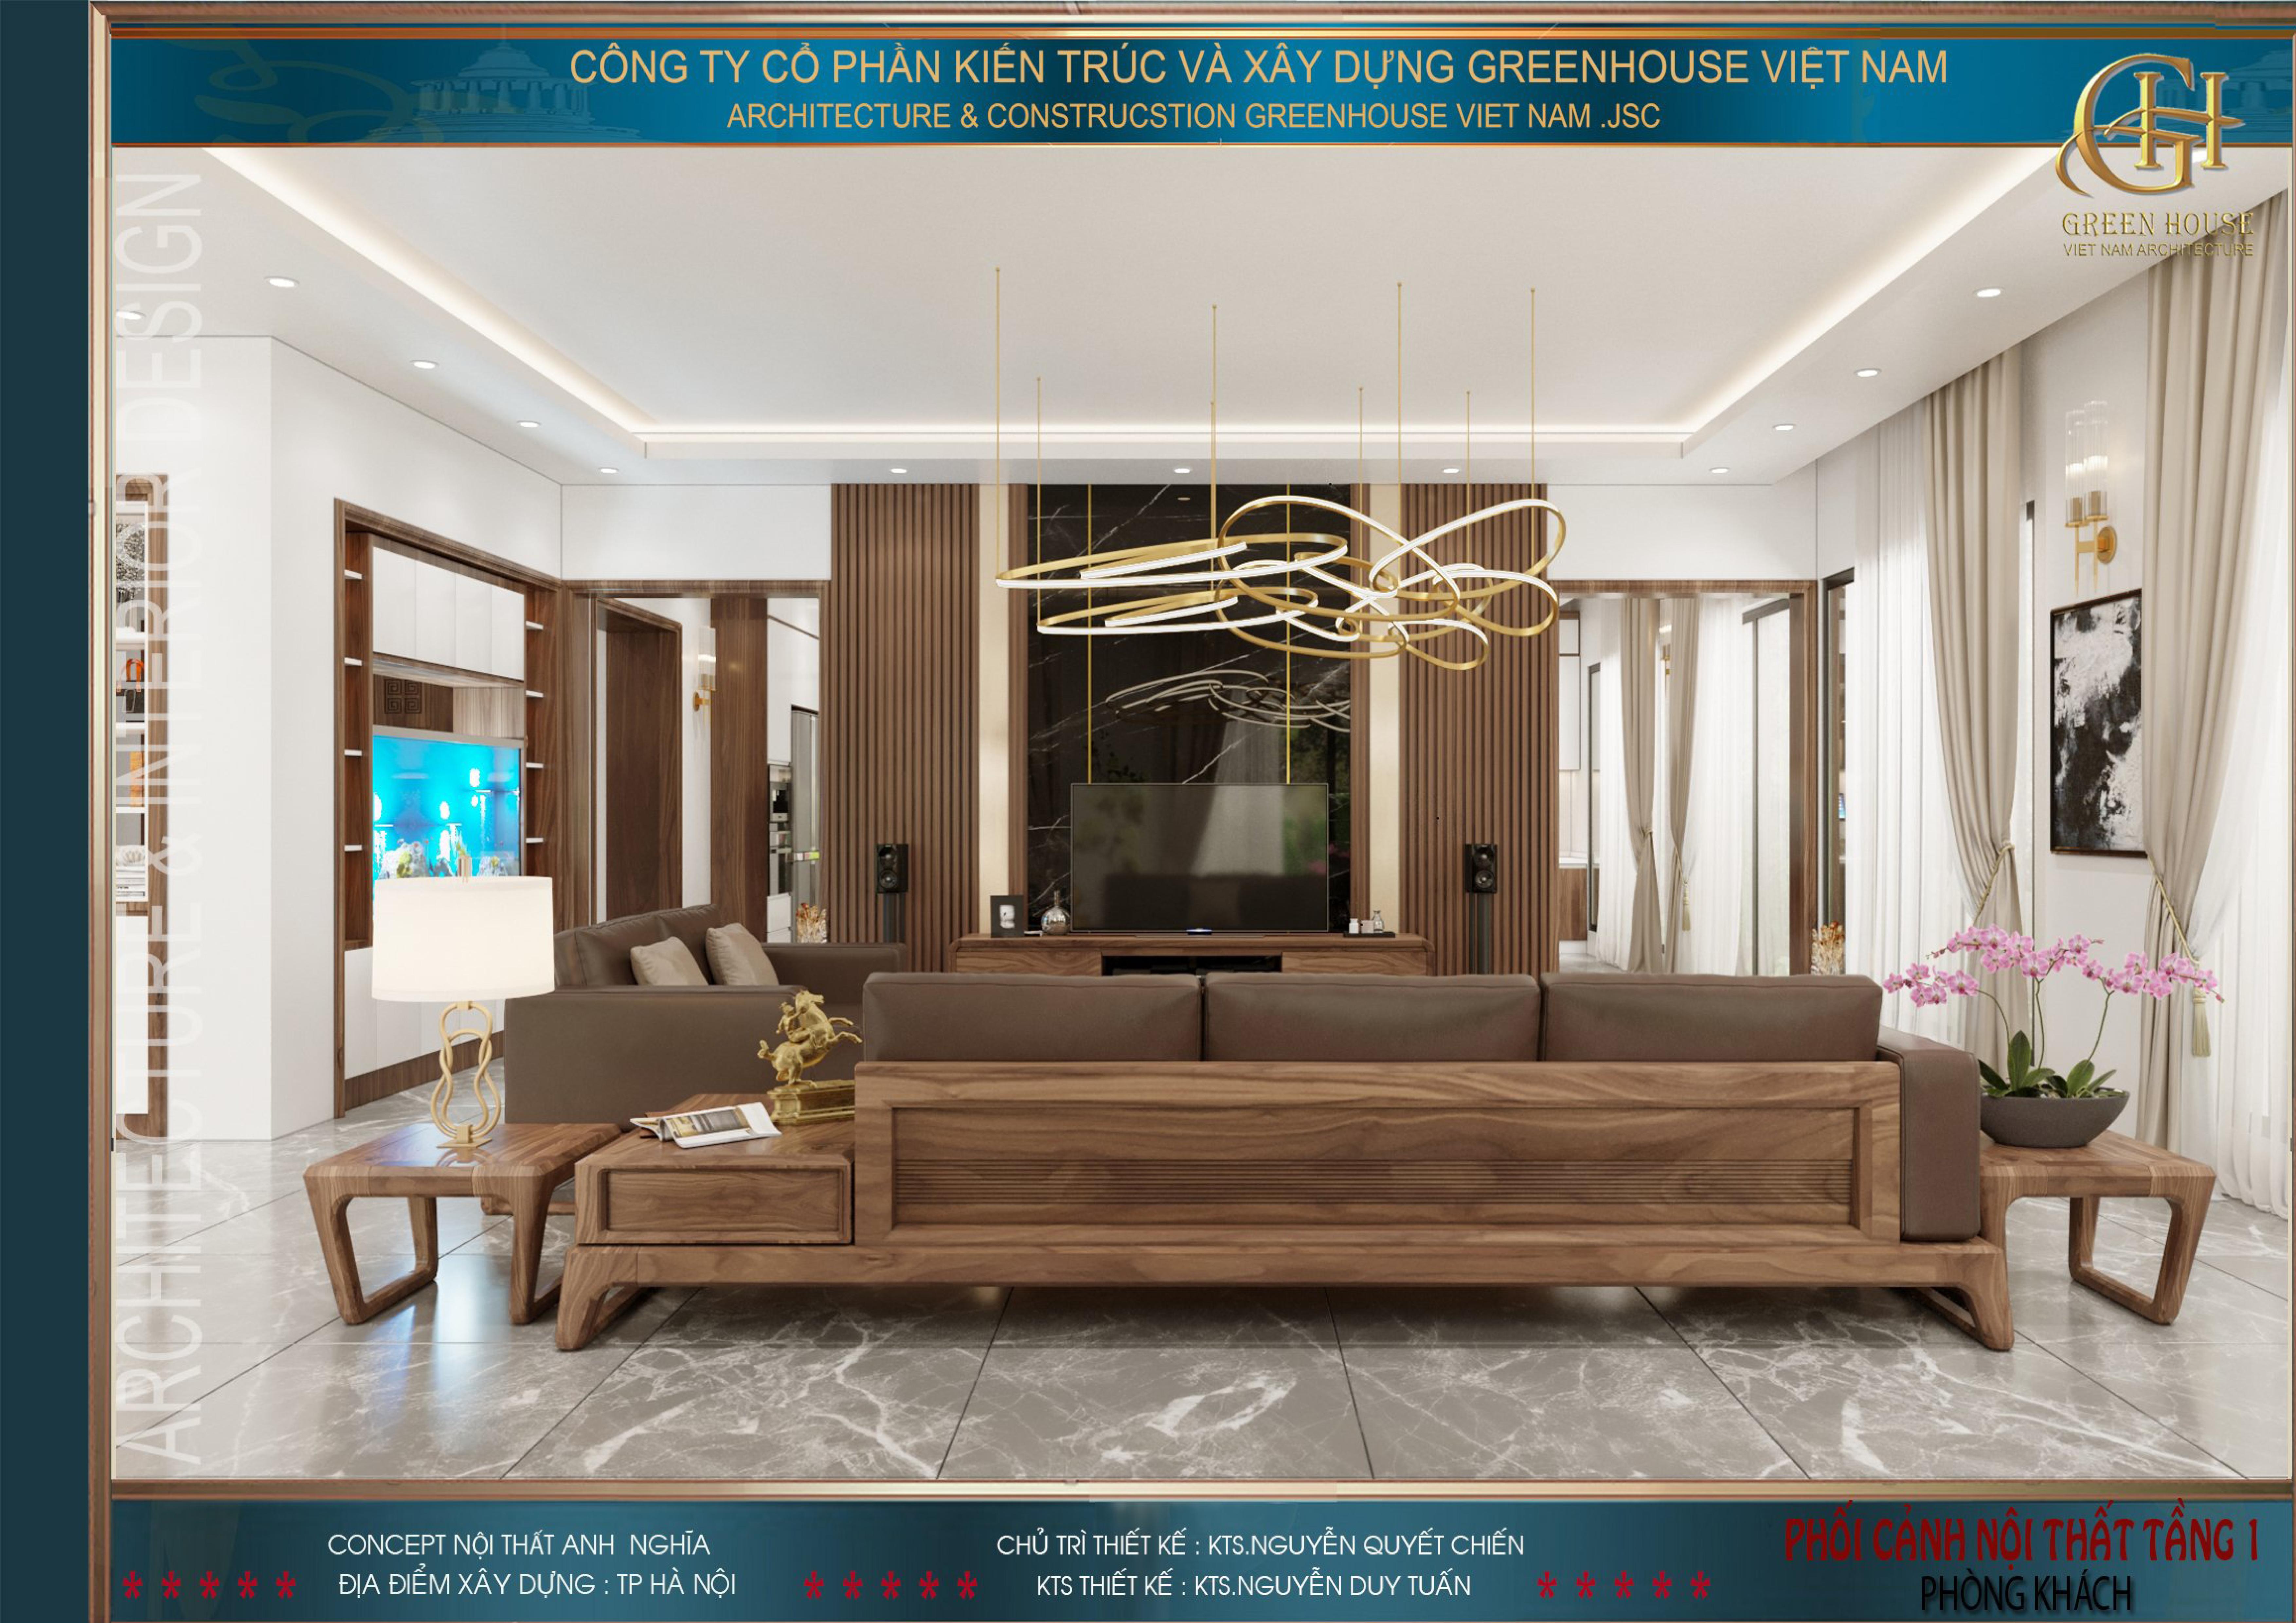 Tổng quát không gian phòng khách của biệt thự hiện đại 3 tầng tại Hà Nội